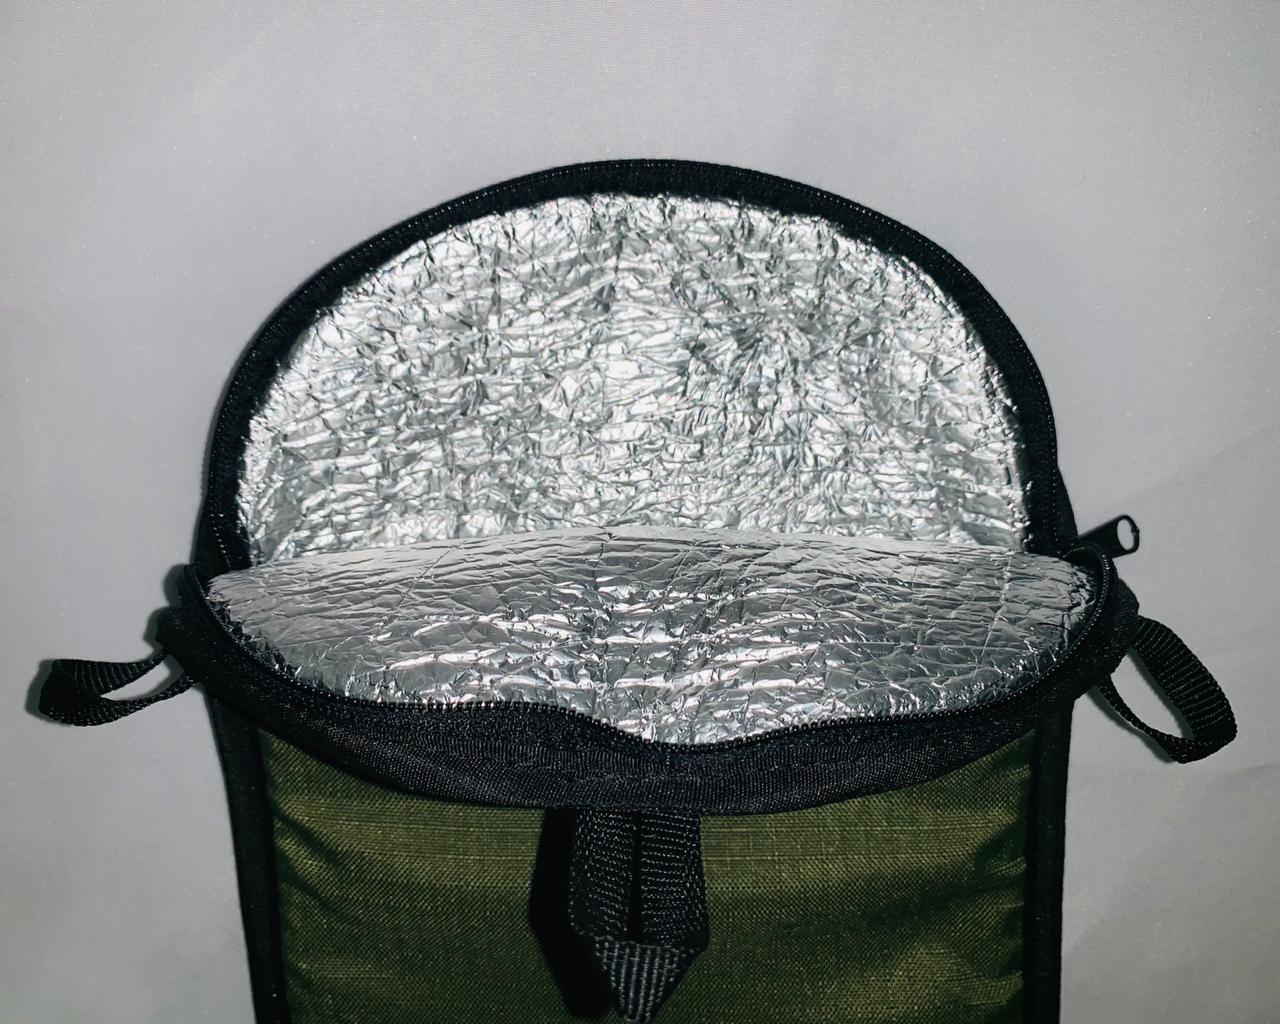 Bolsa Capa Térmica + Refil + Alças Mochila Hidratação